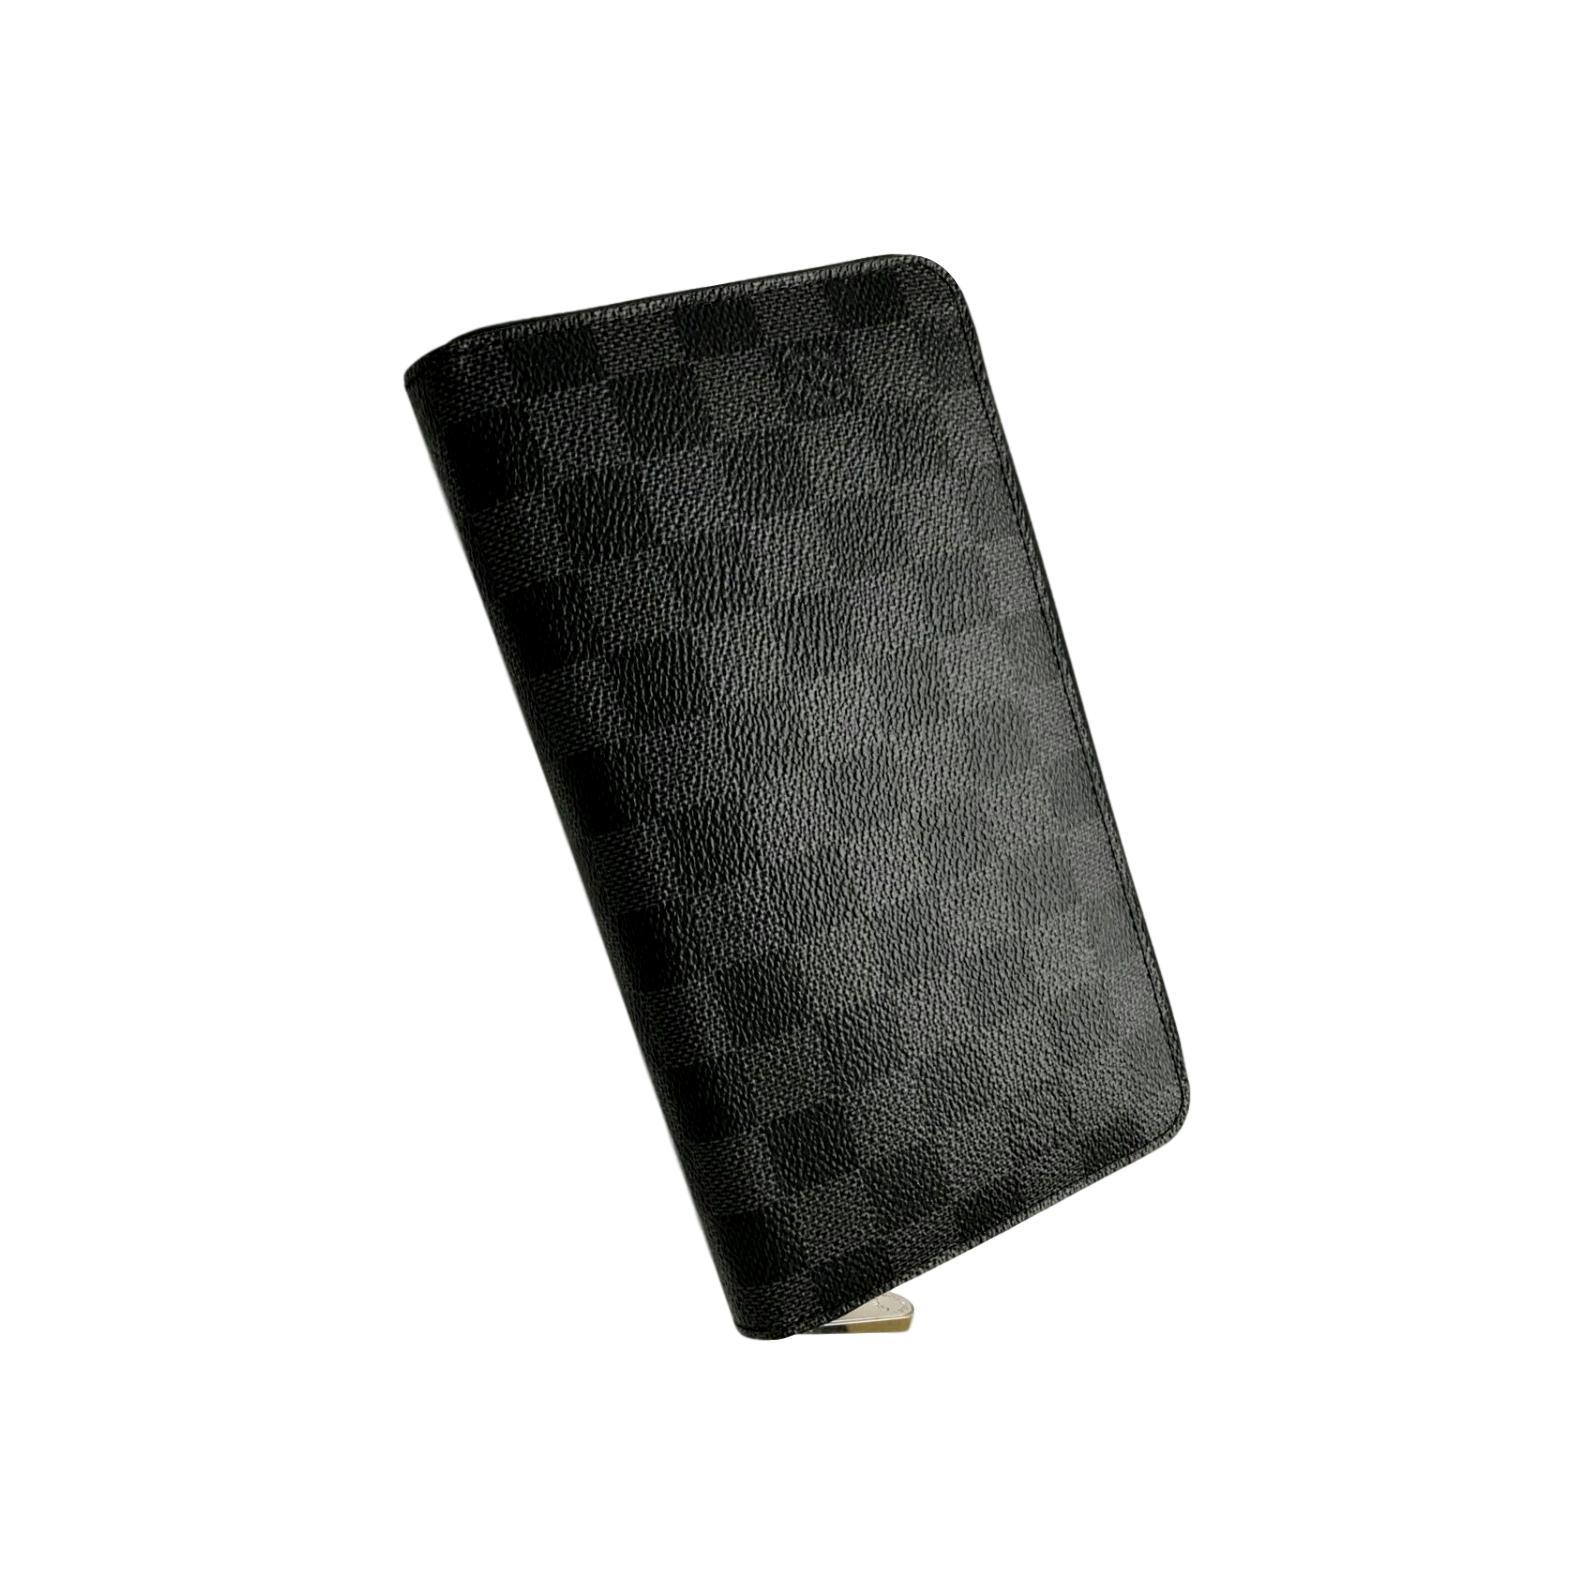 04be5fce6c76 Купить кошелек, портмоне Louis Vuitton за 25000 руб. в интернет ...